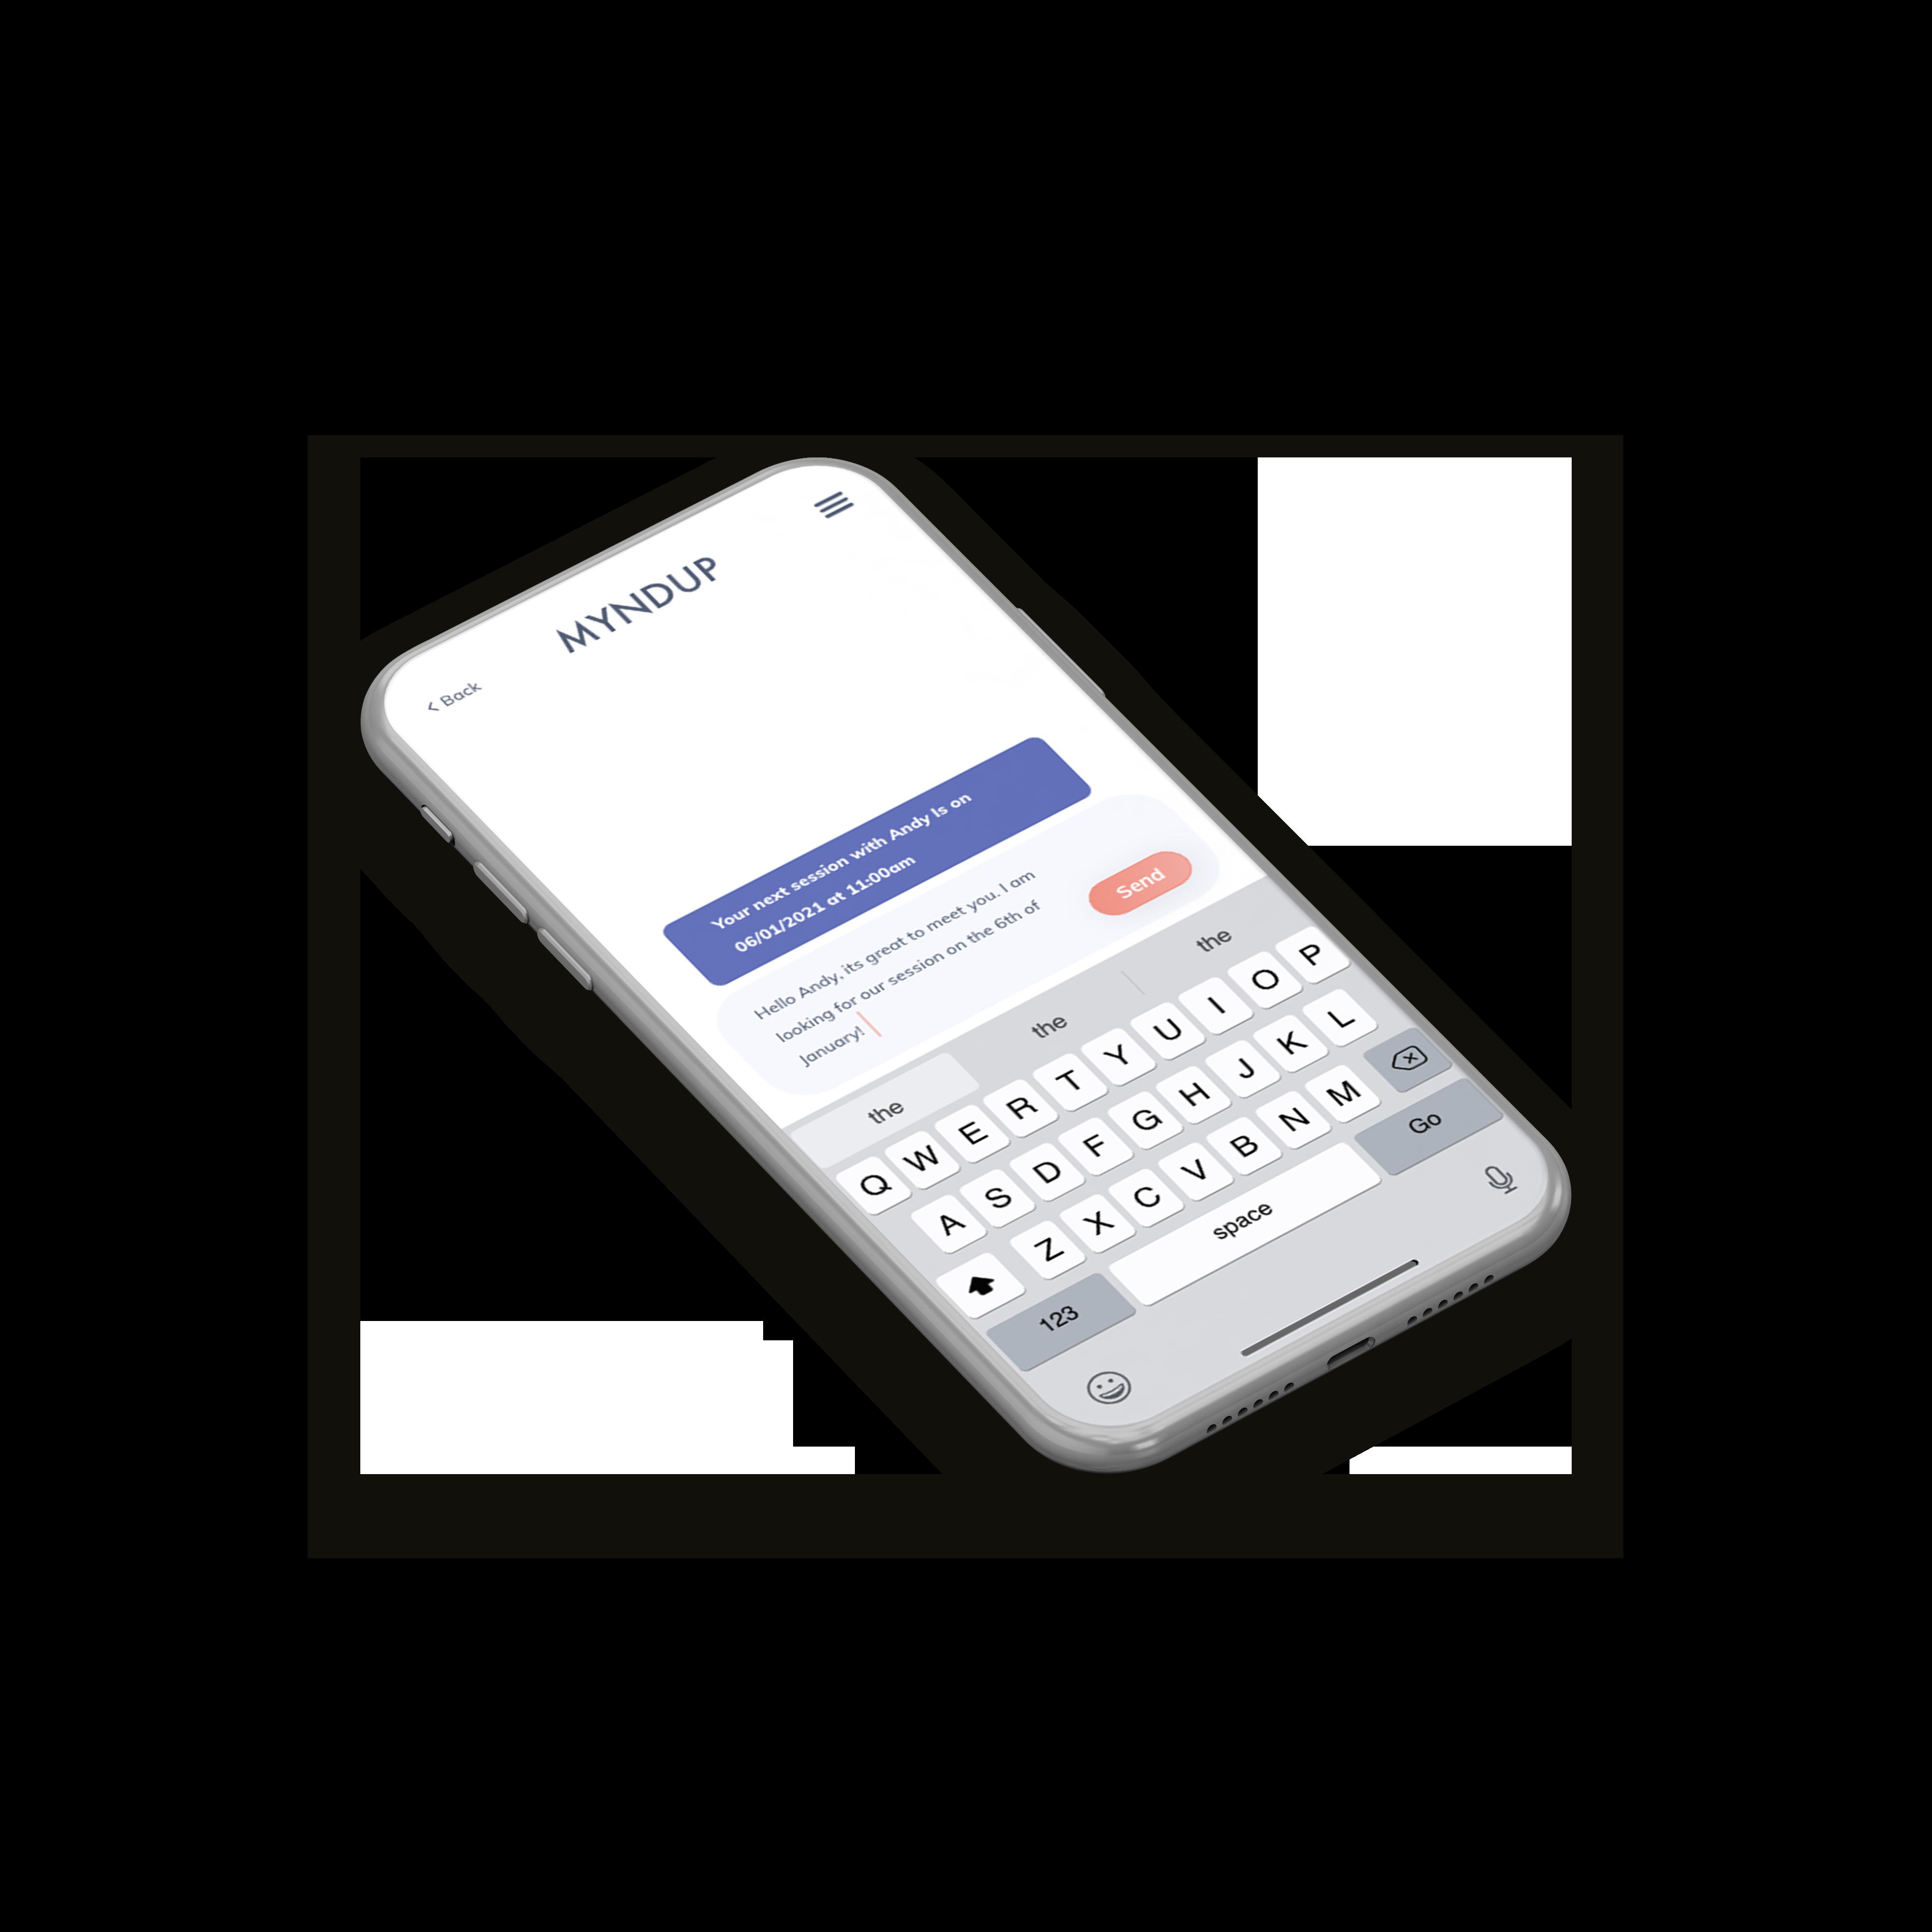 Myndup Mobile Image 3